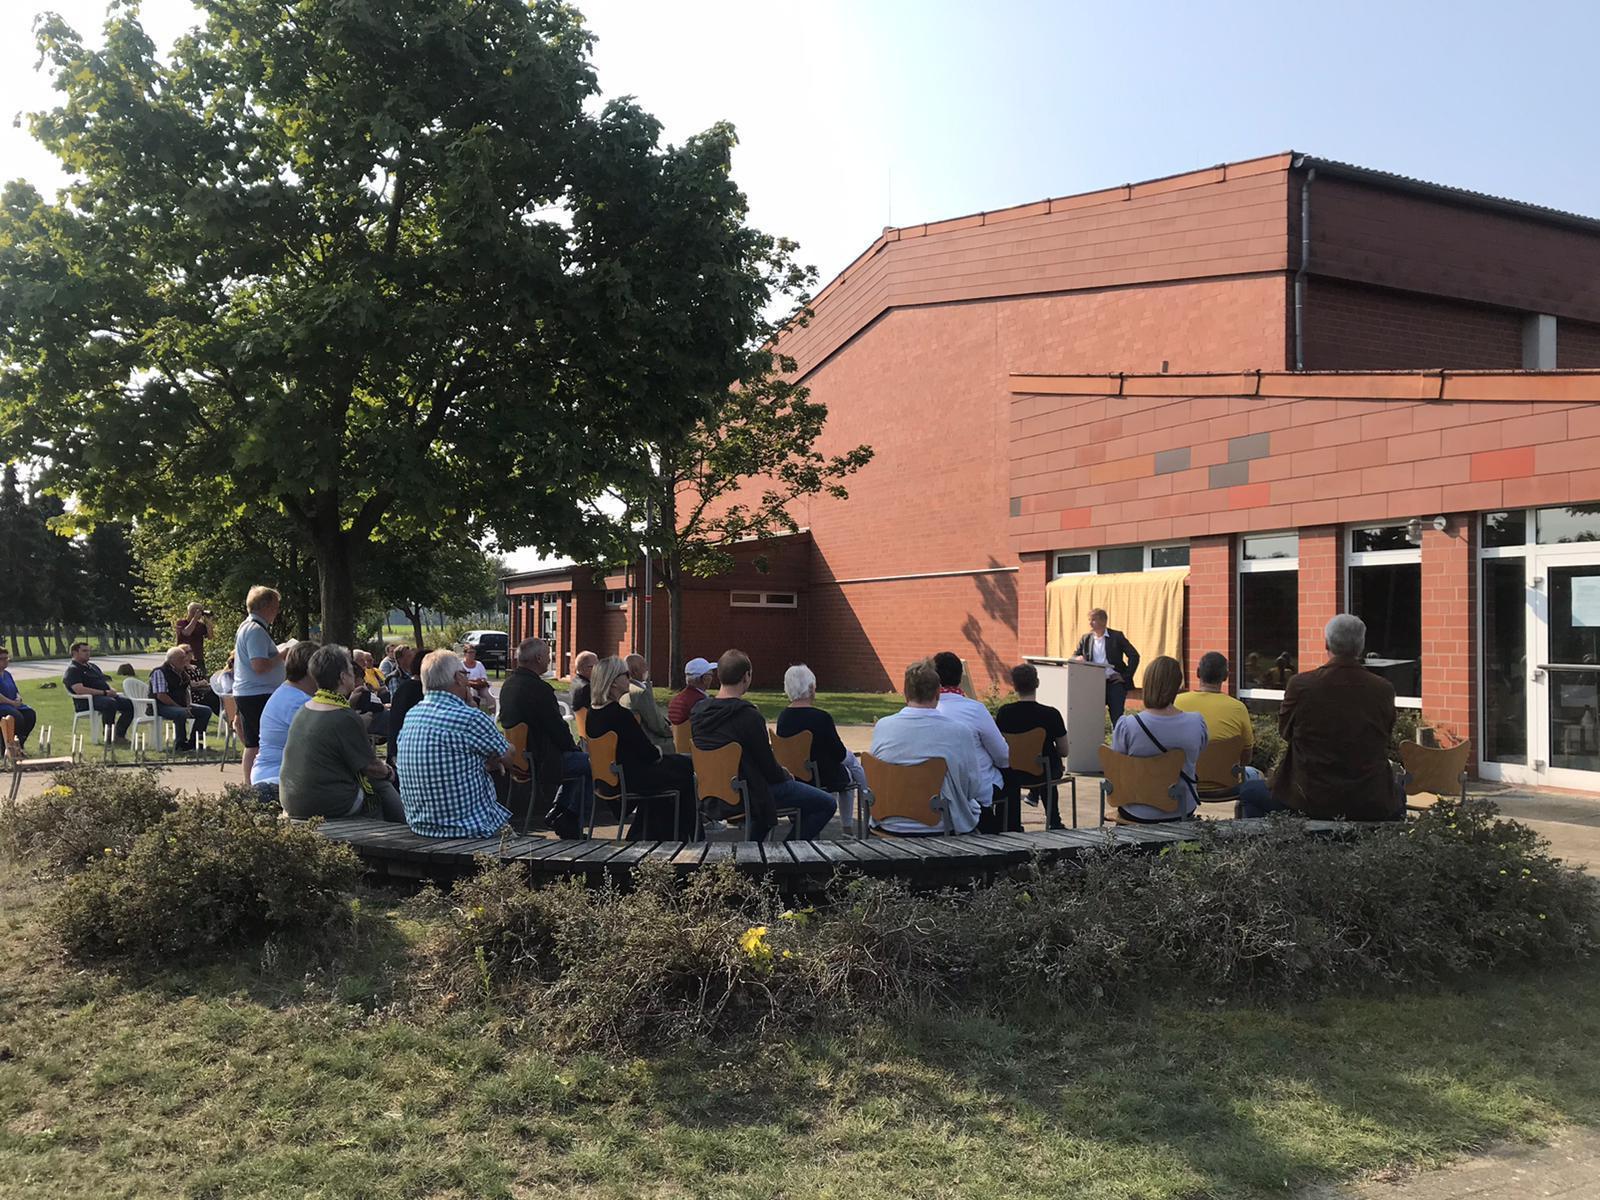 Festakt Hugo-Priebe-Halle